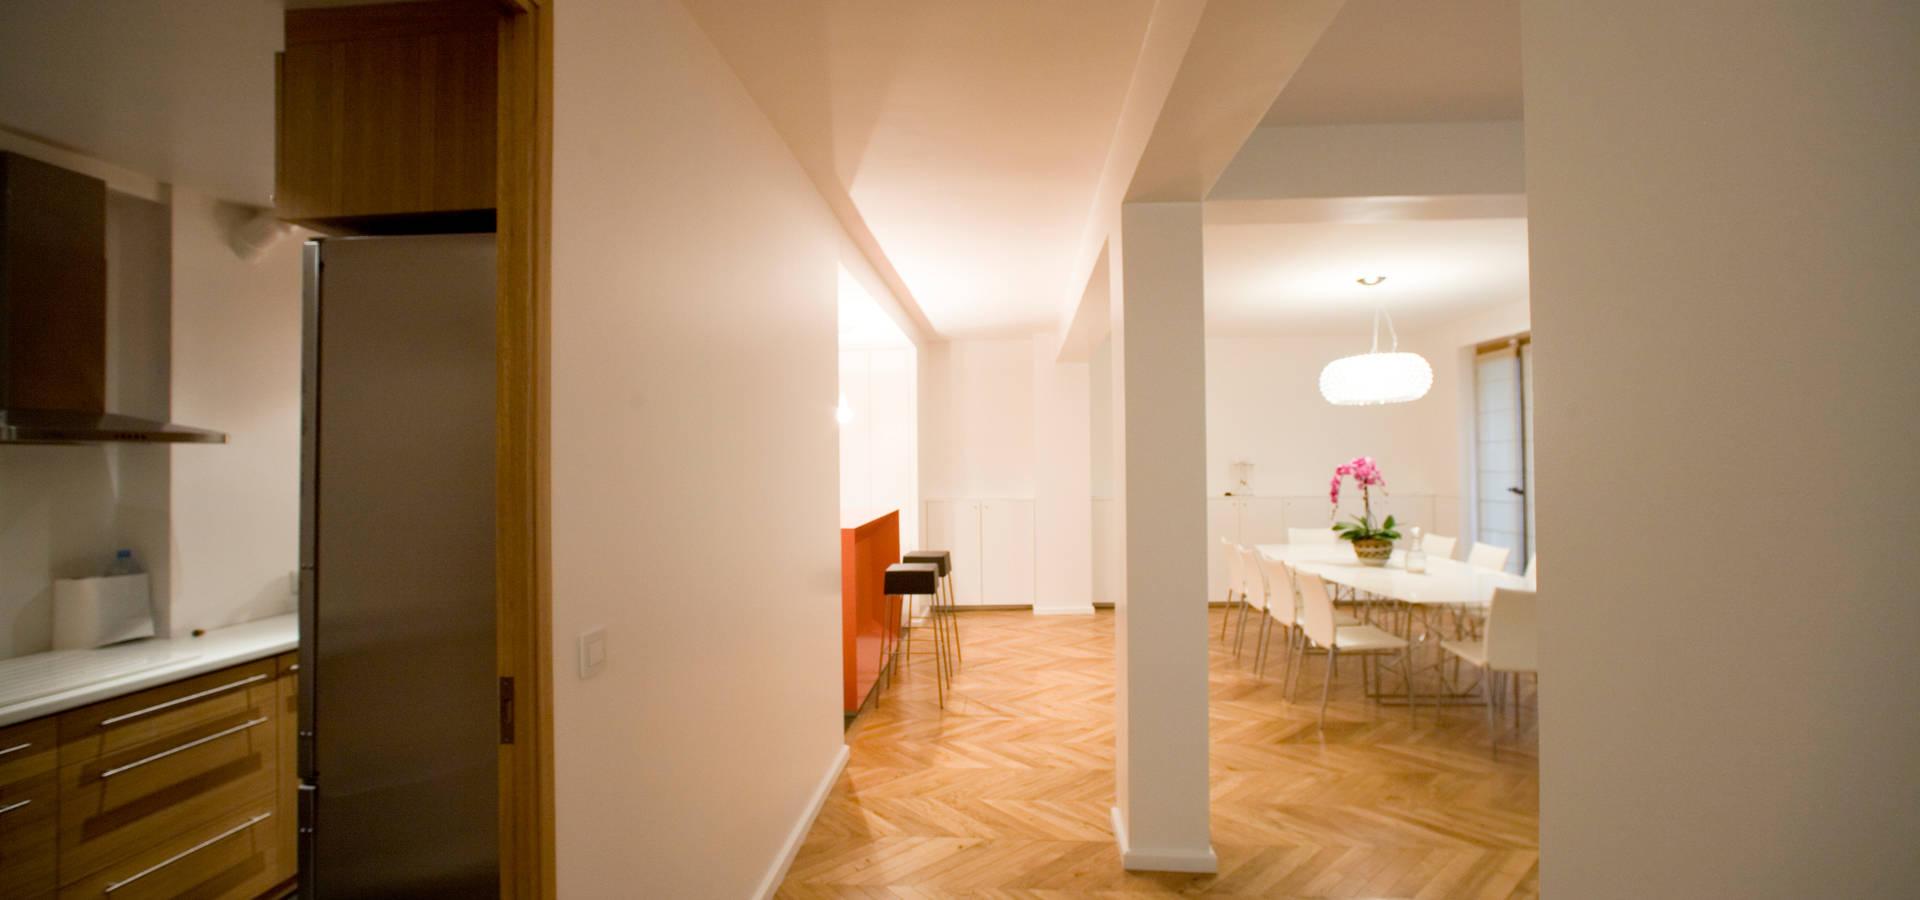 barbara sterkers architecte d 39 int rieur bureaux paris. Black Bedroom Furniture Sets. Home Design Ideas